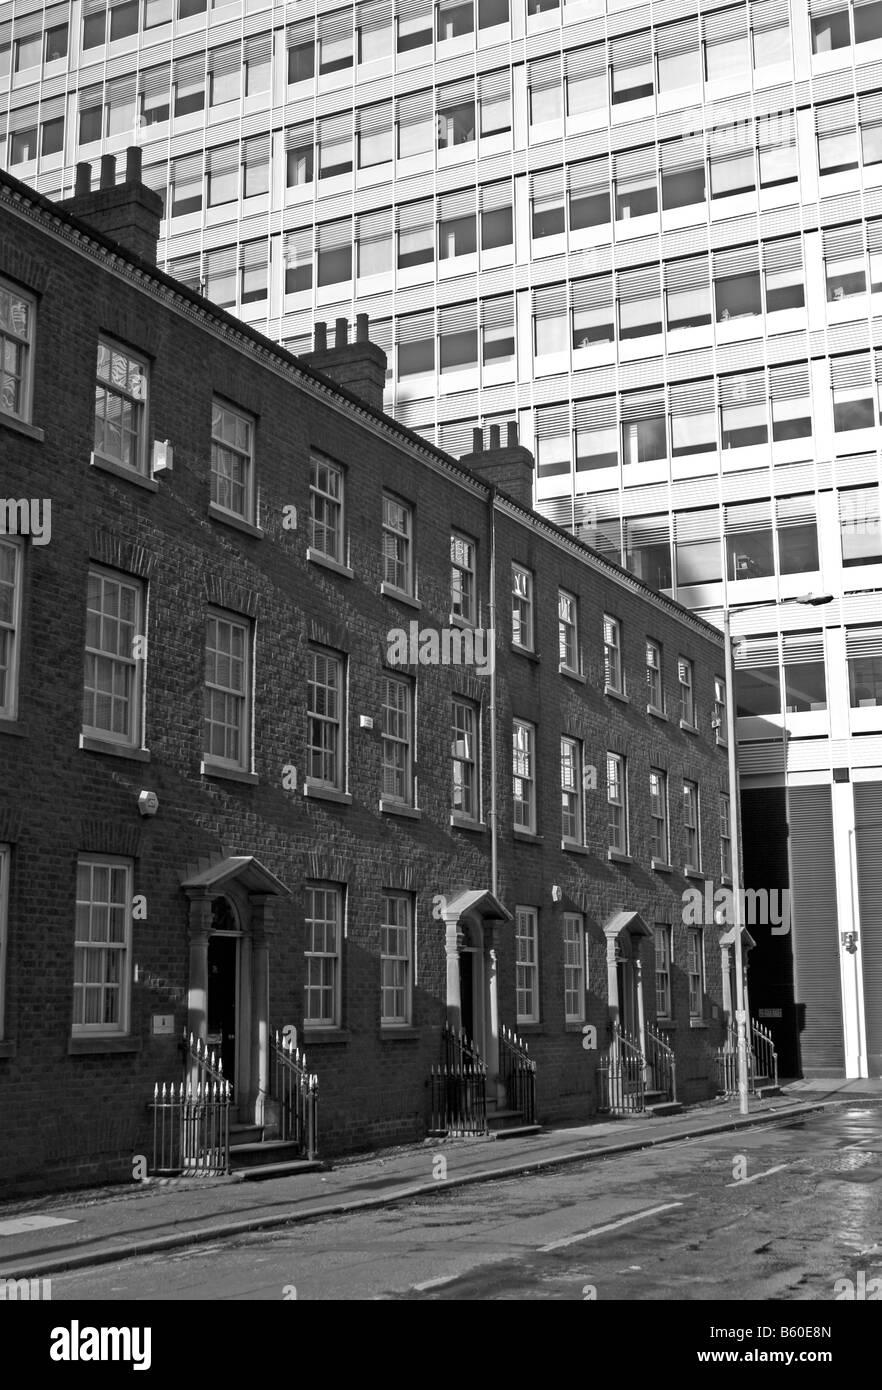 Gartside Street, Manchester city centre. Spinningfields development beyond. - Stock Image